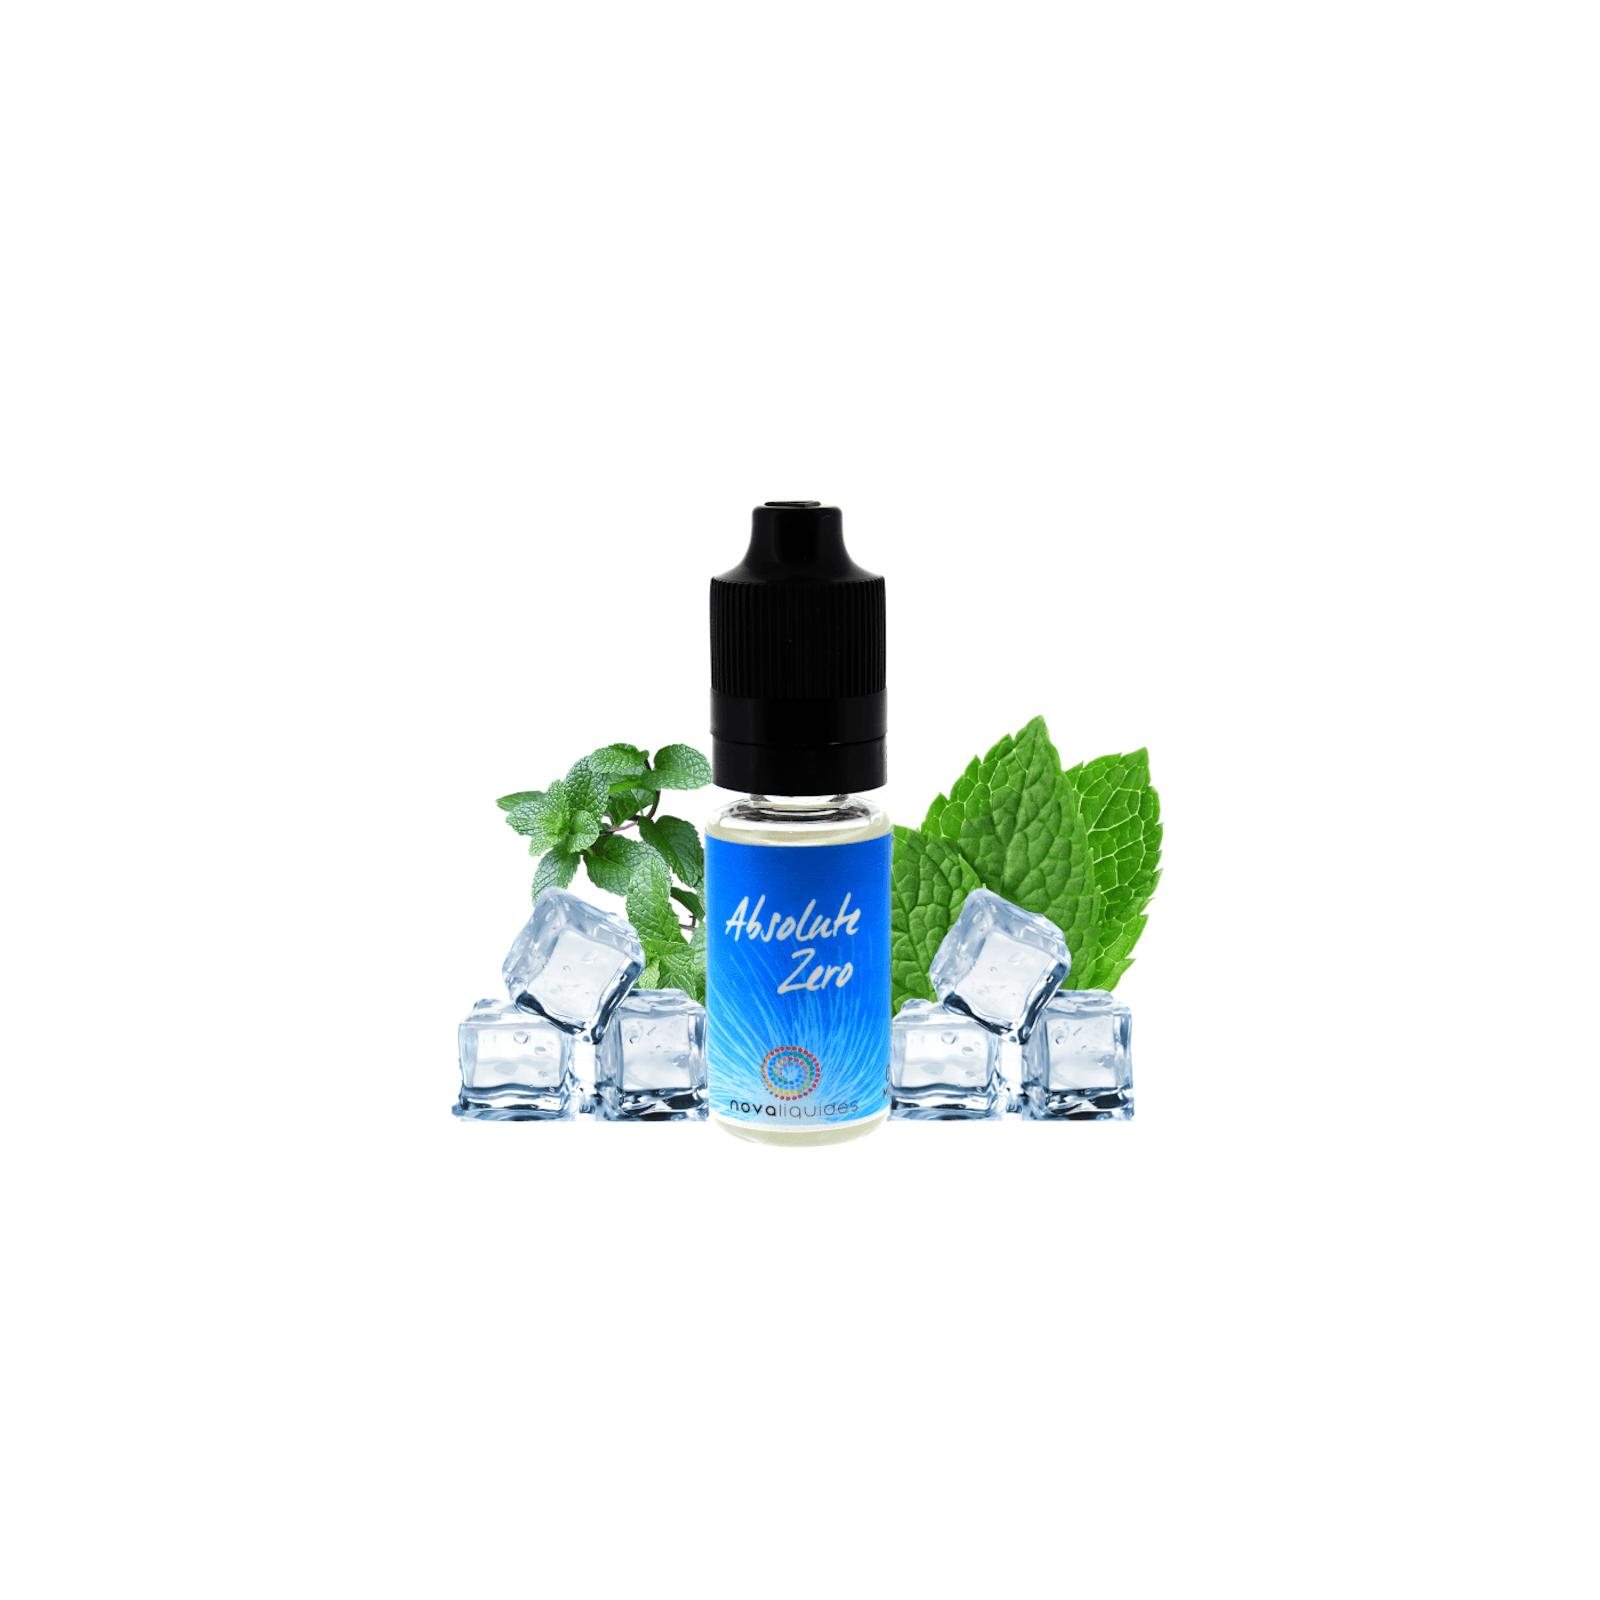 Absolute Zero 10 ml - Nova Liquides